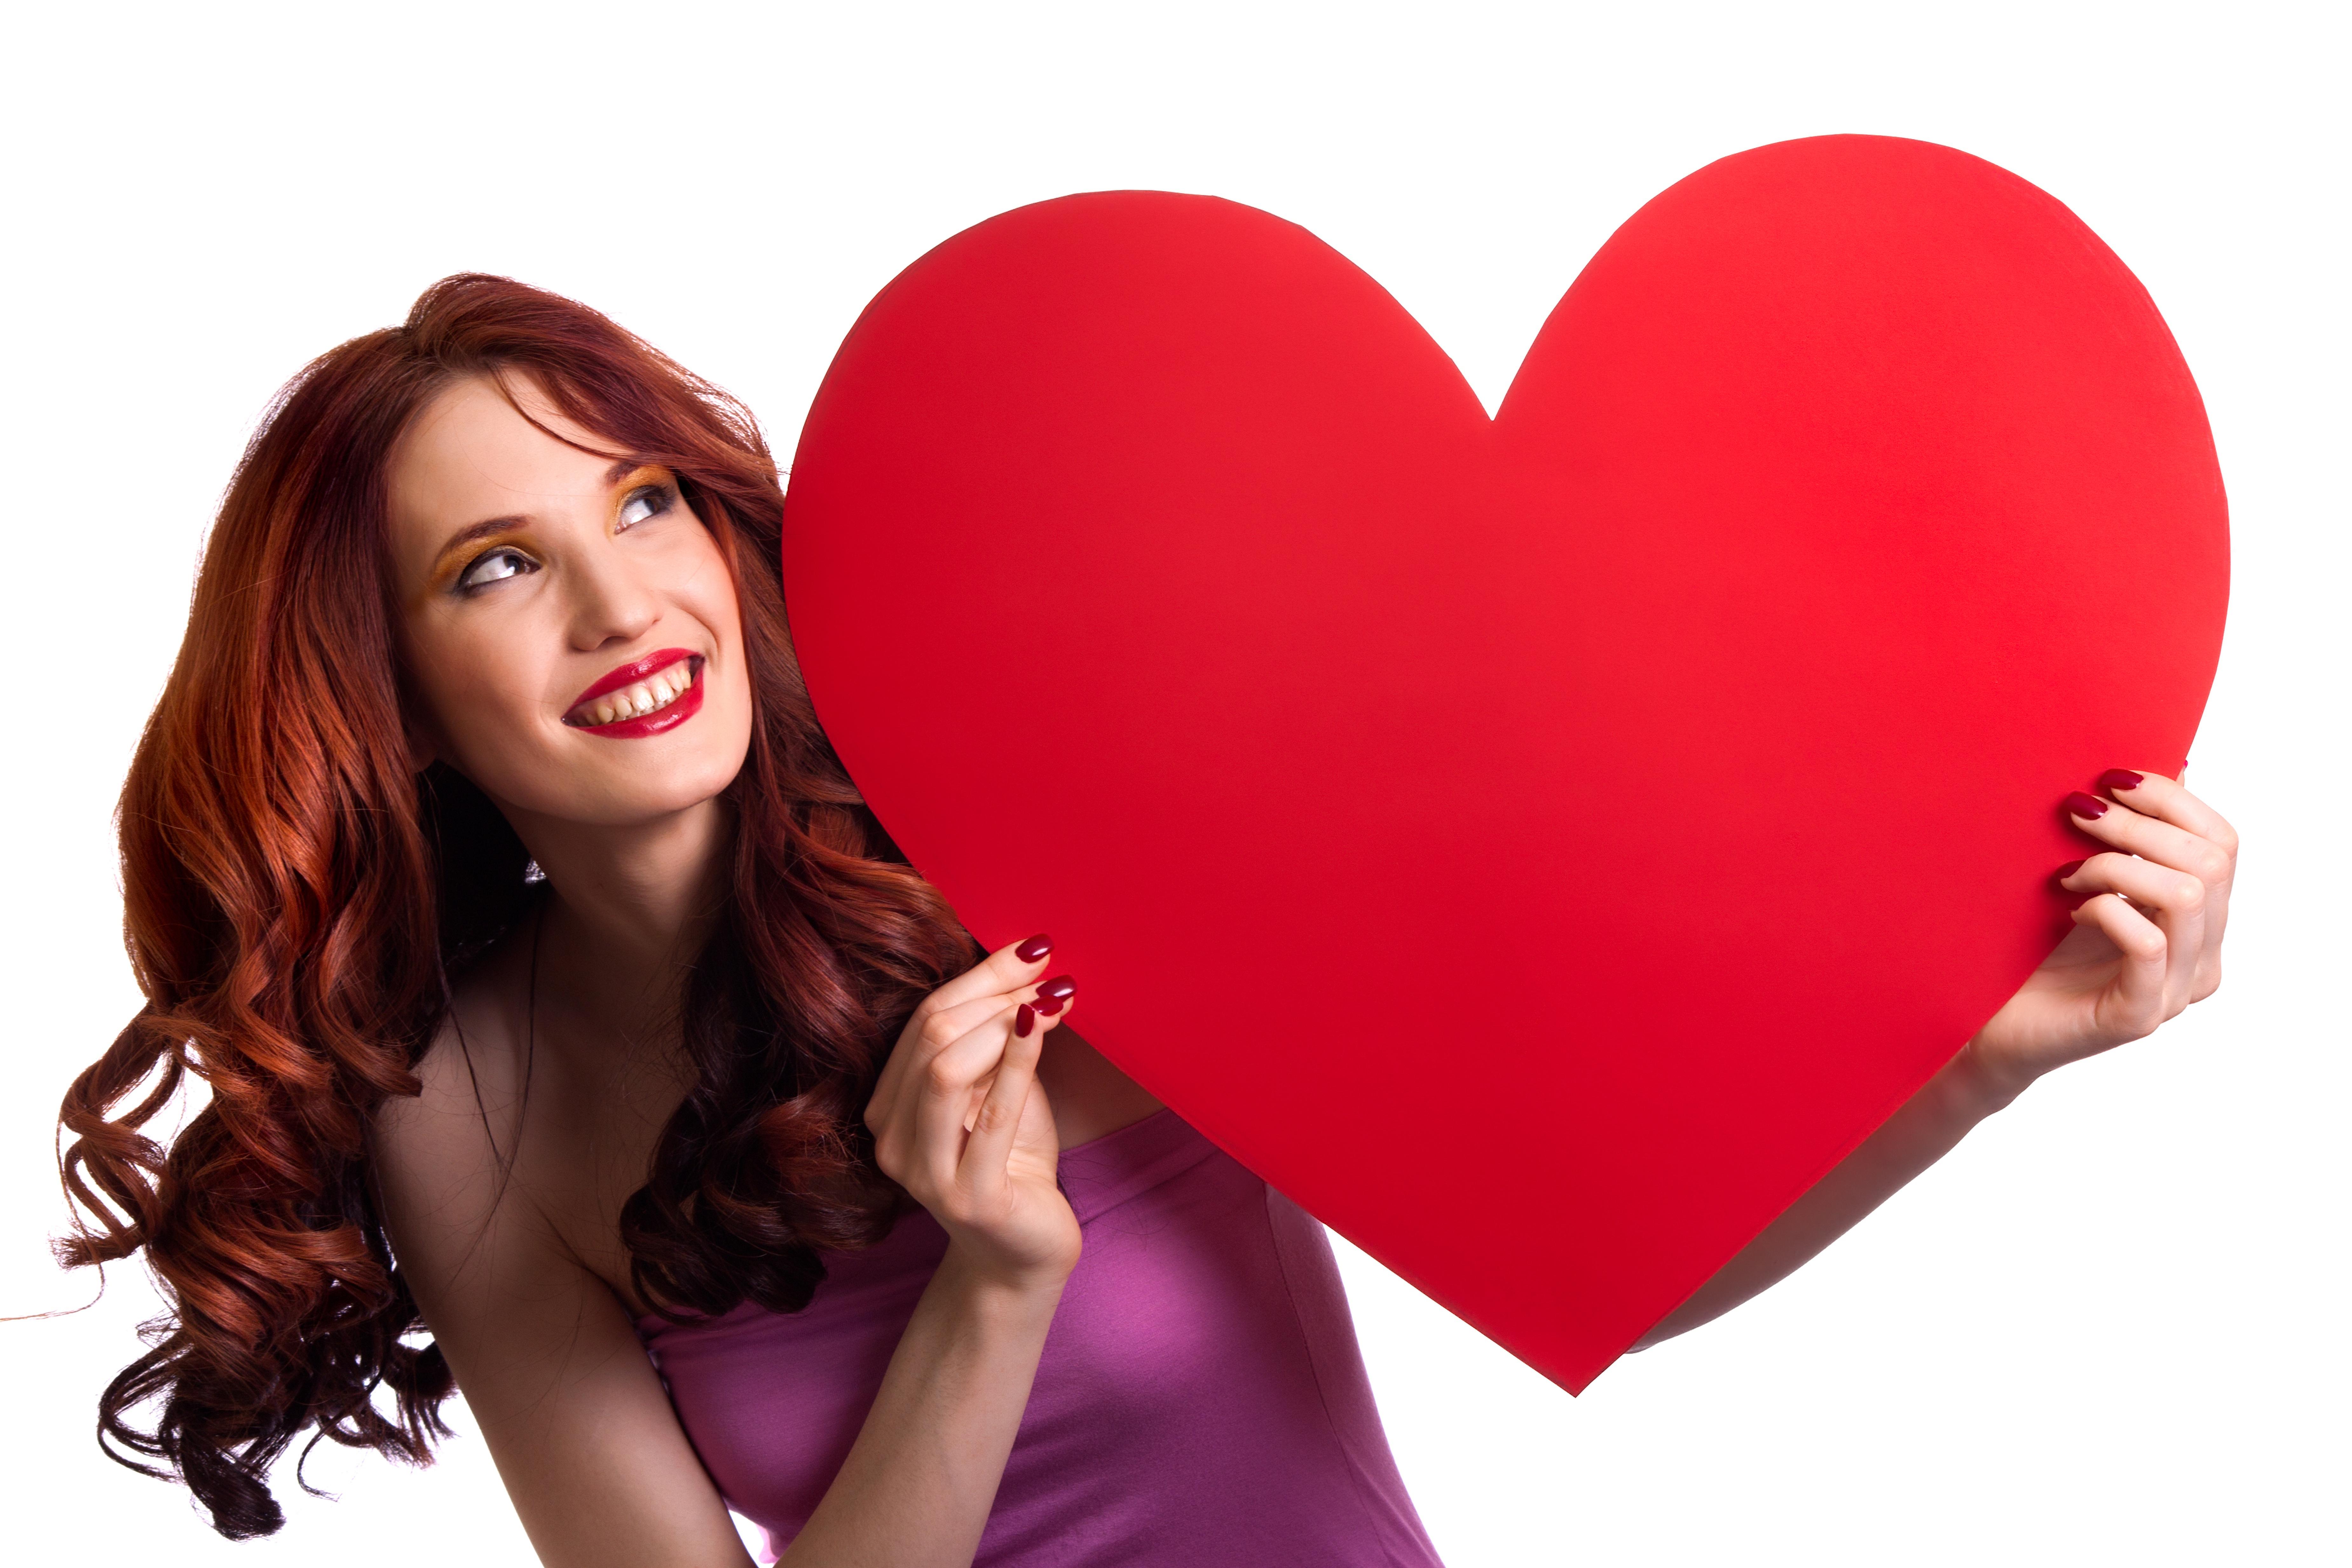 Кликни на сердечко под фото